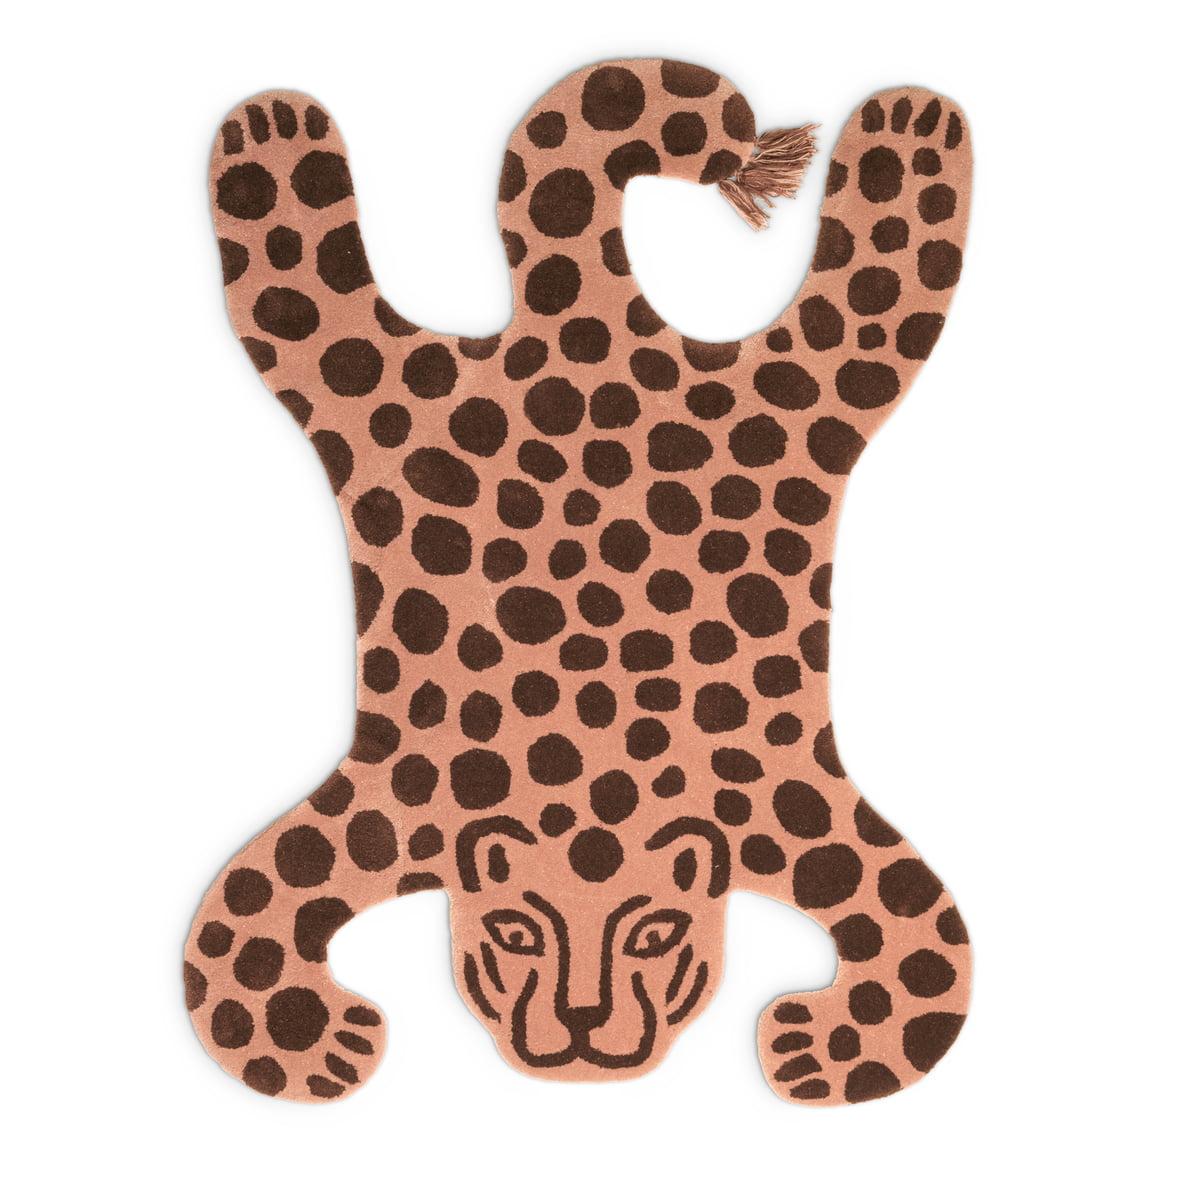 ferm Living - Safari Teppich, Leopard | Heimtextilien > Teppiche > Sonstige-Teppiche | ferm living